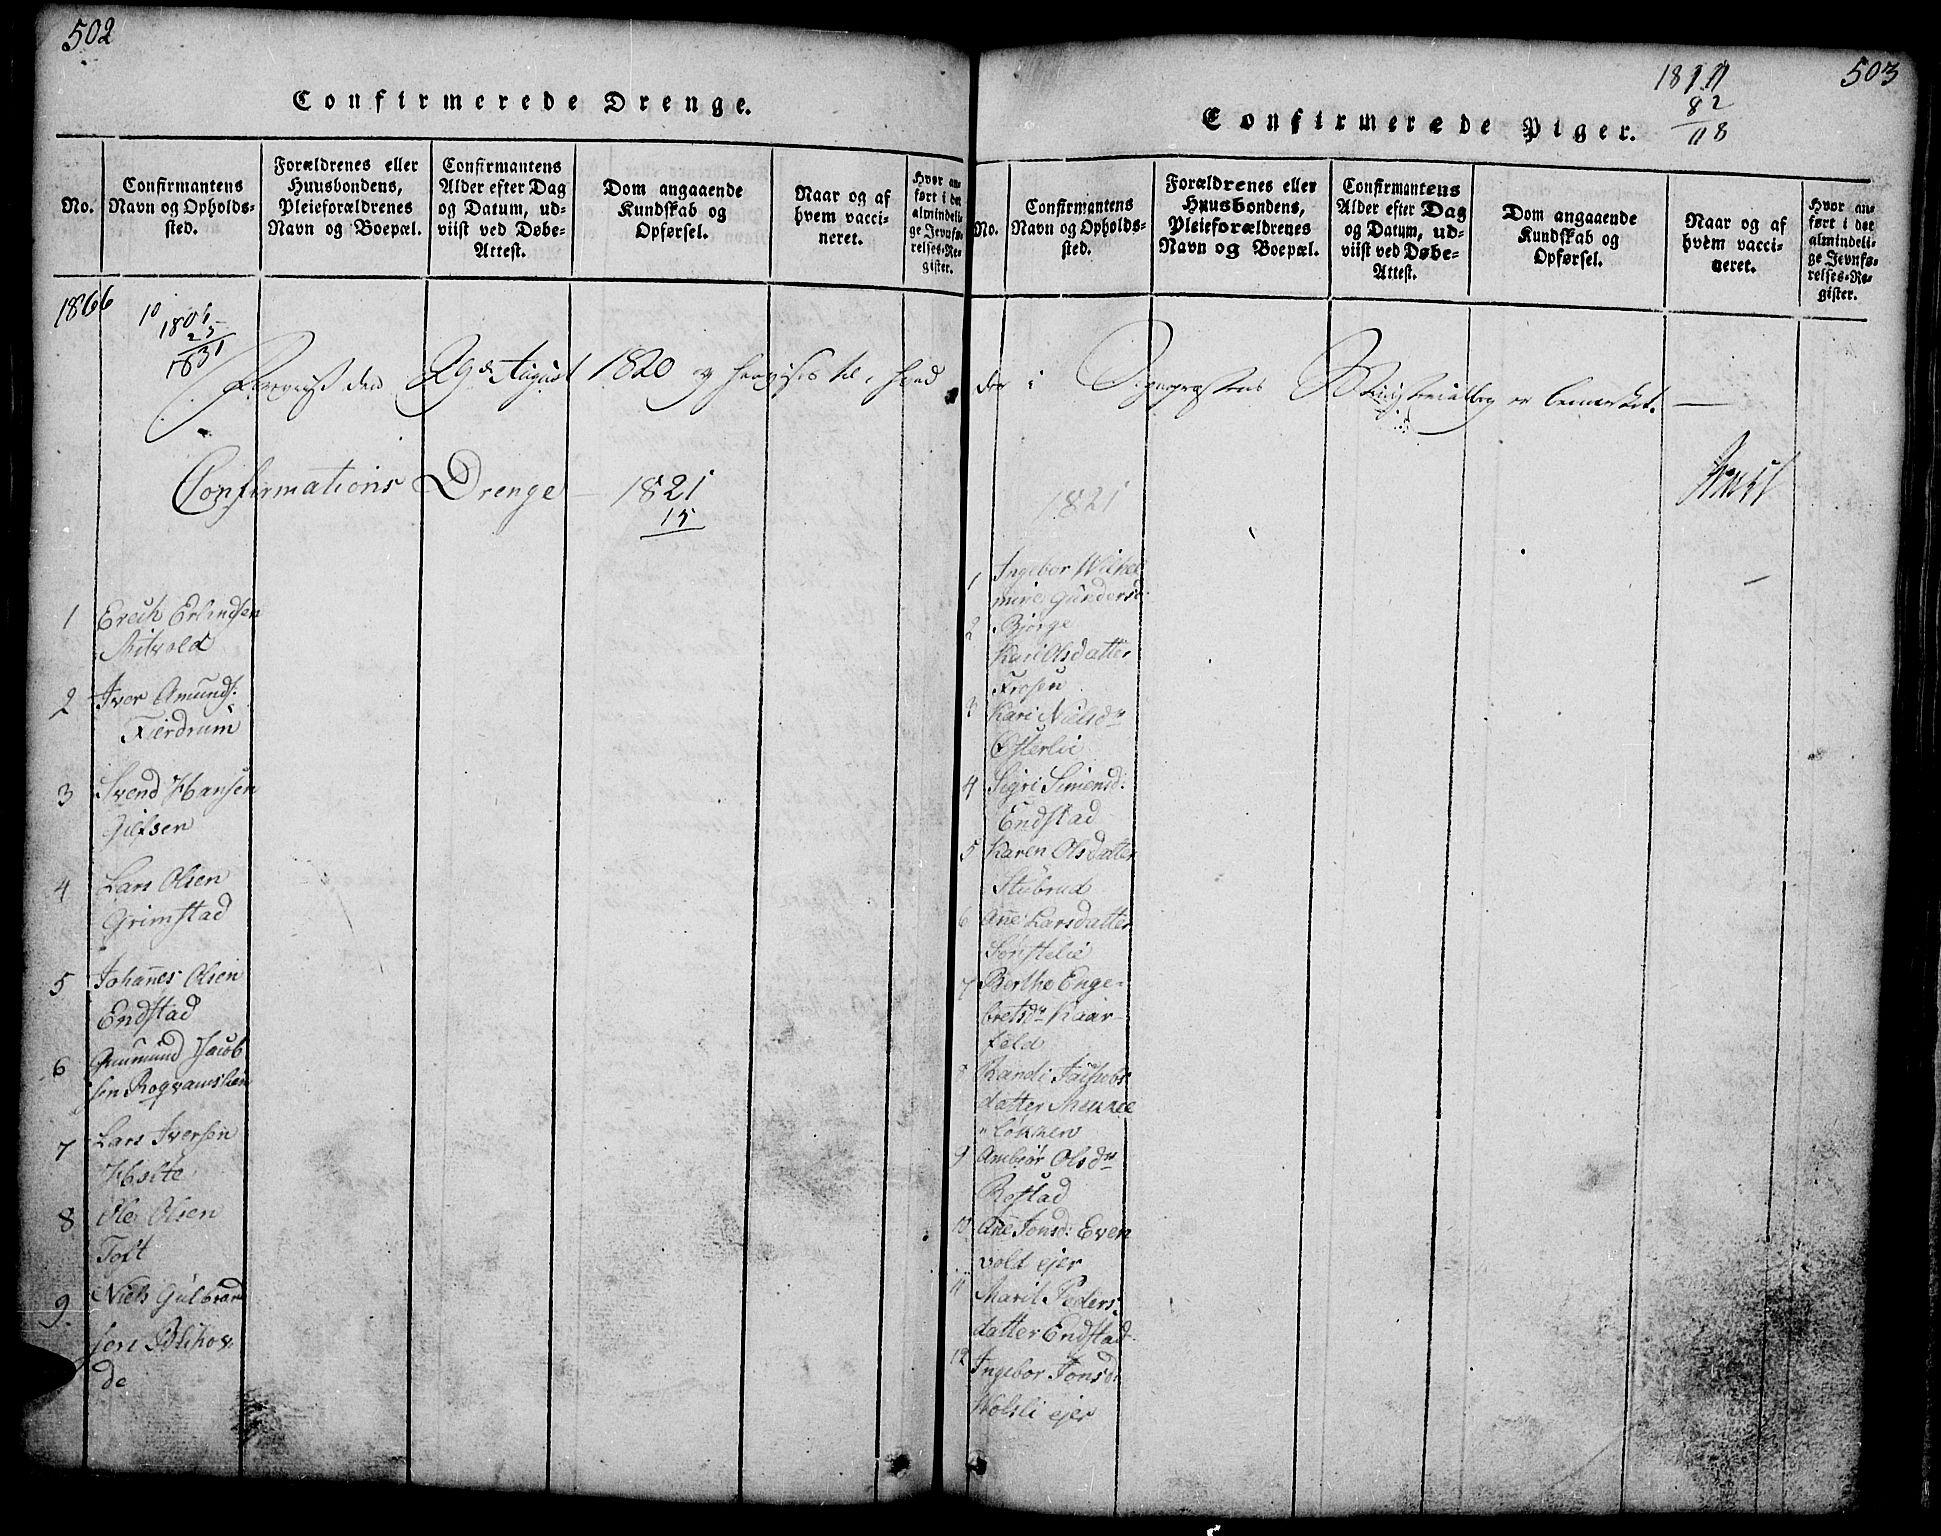 SAH, Gausdal prestekontor, Klokkerbok nr. 1, 1817-1848, s. 502-503